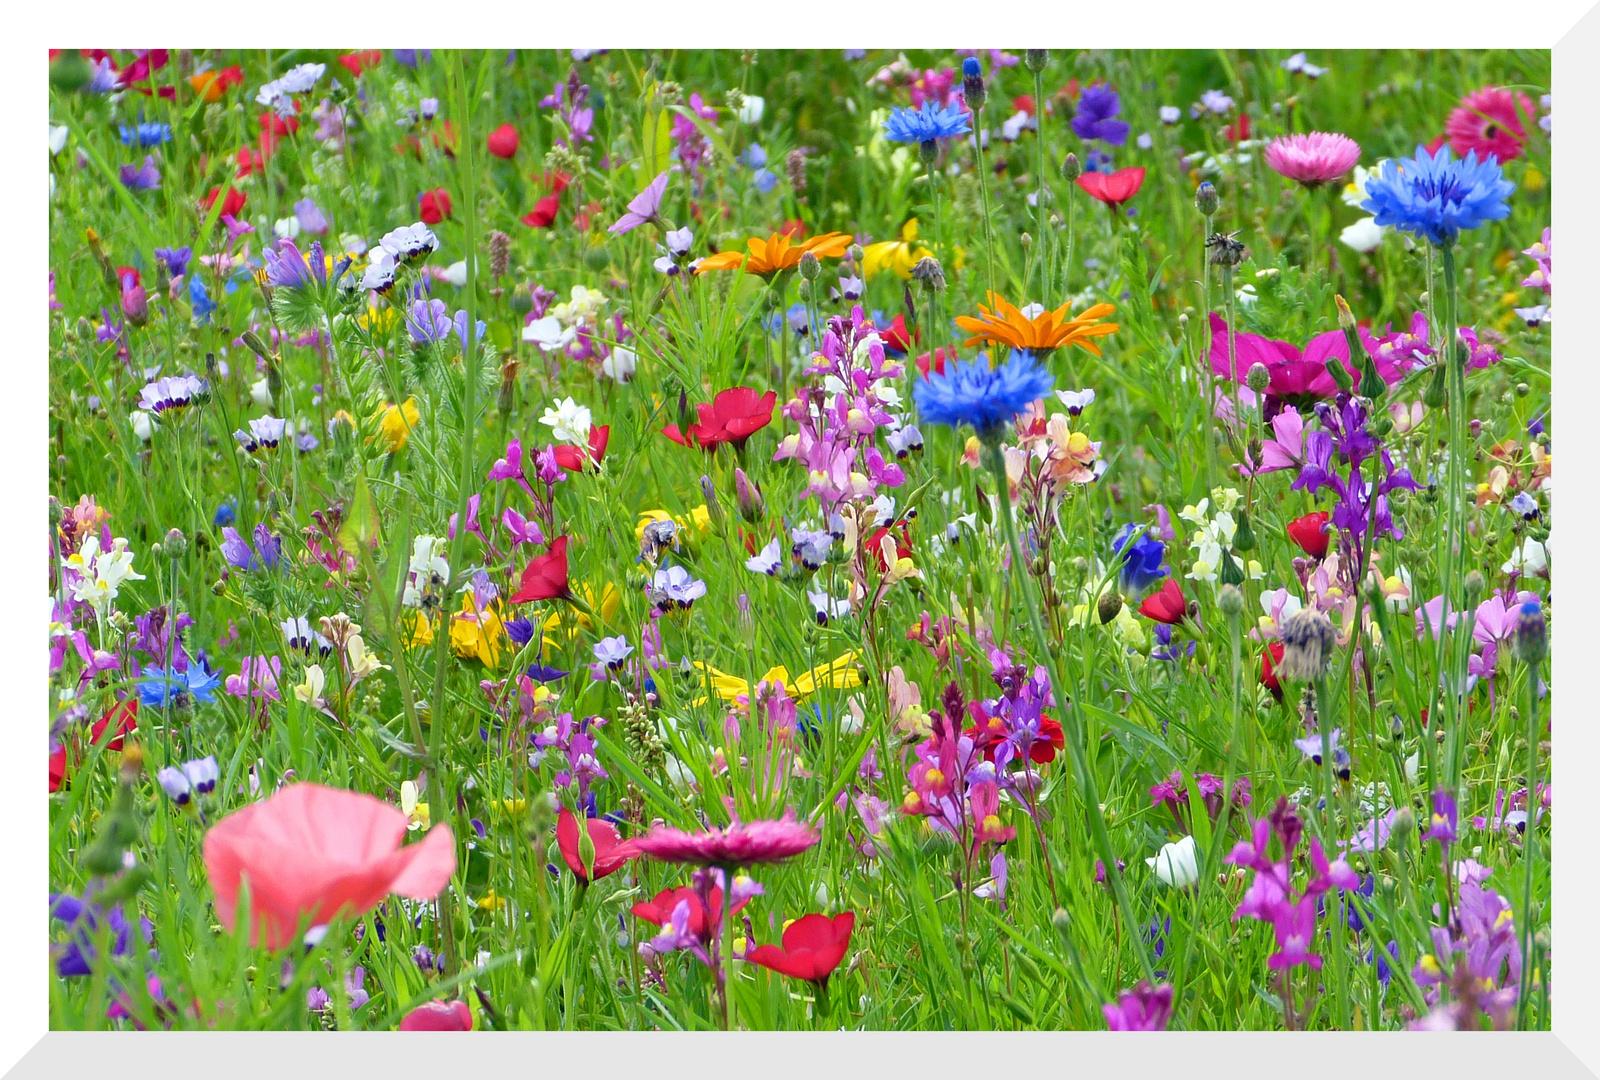 Blumenwiese Foto Bild Jahreszeiten Sommer Natur Bilder Auf